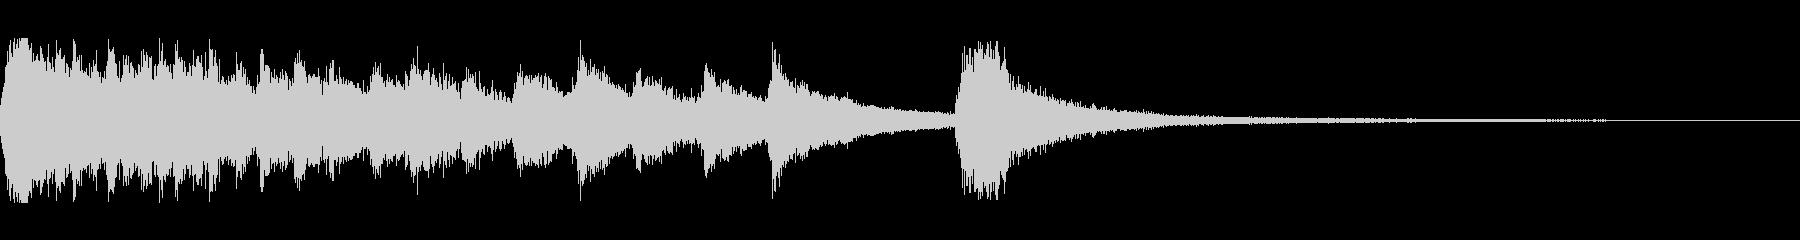 琴とピアノの和風のジングルの未再生の波形